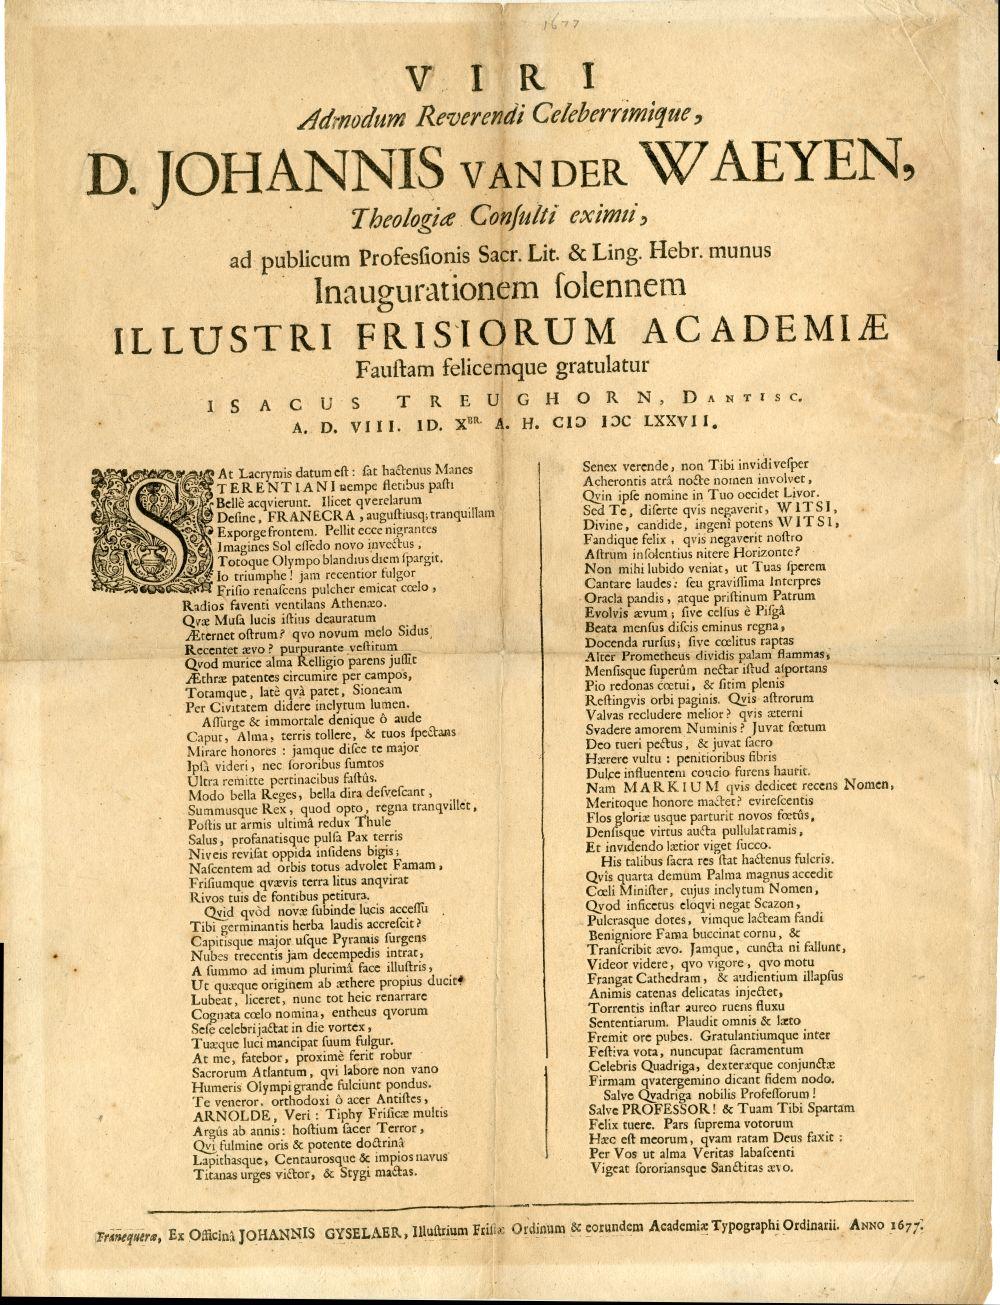 Aankondiging van de inauguratie van D. Johannis van der Wagen